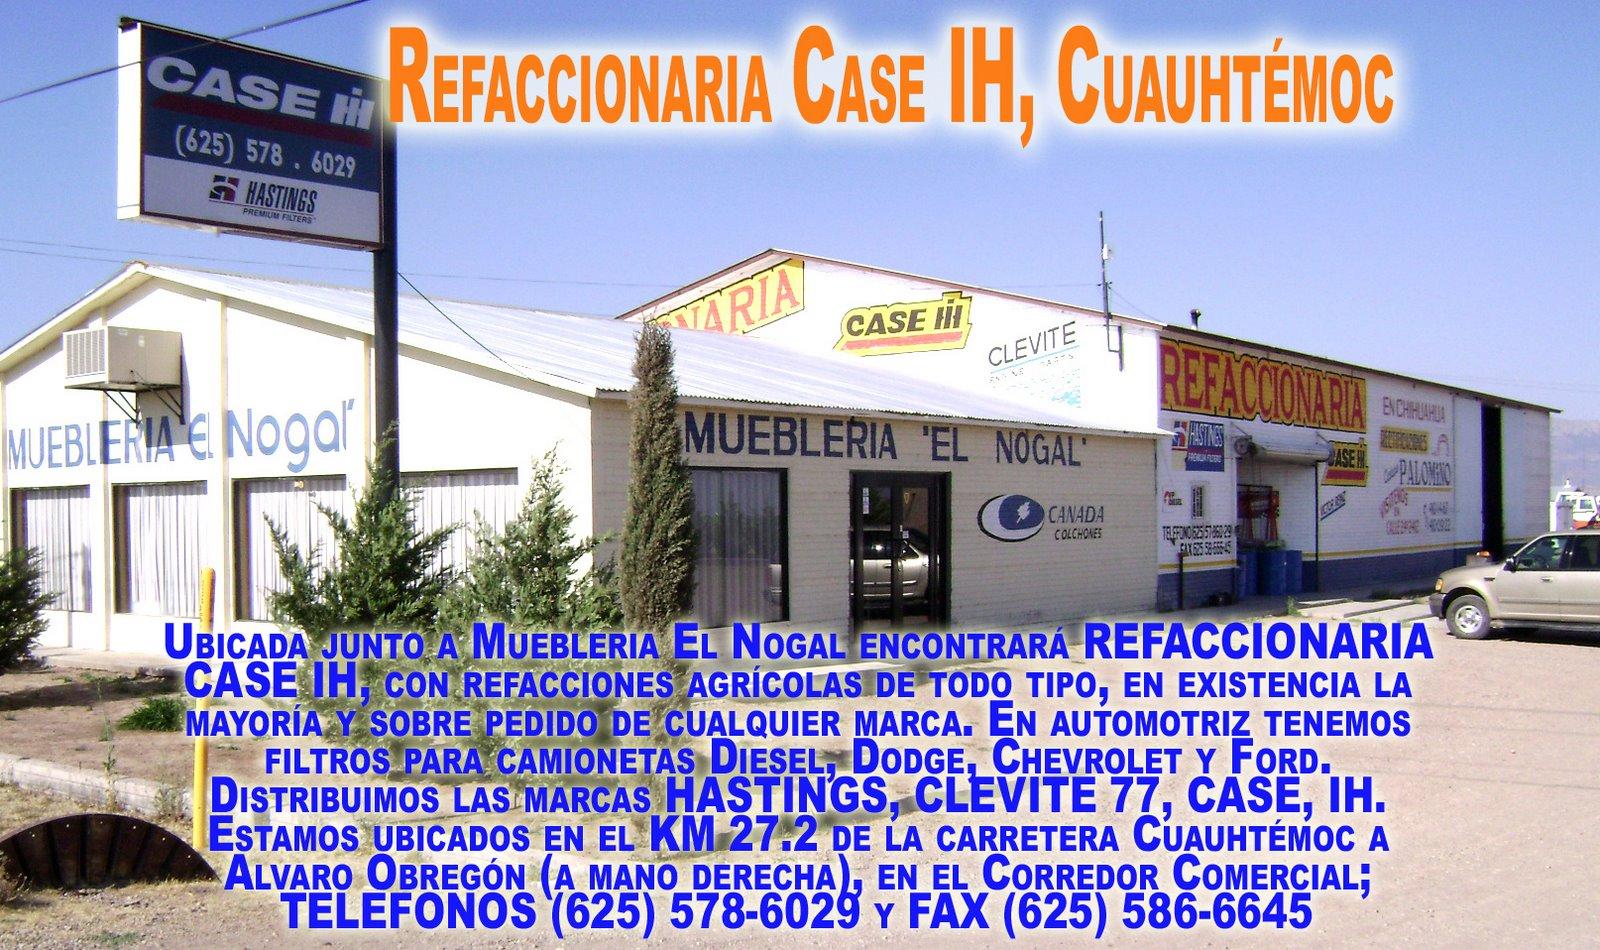 Refaccionaria Case IH, Cuauhtémoc